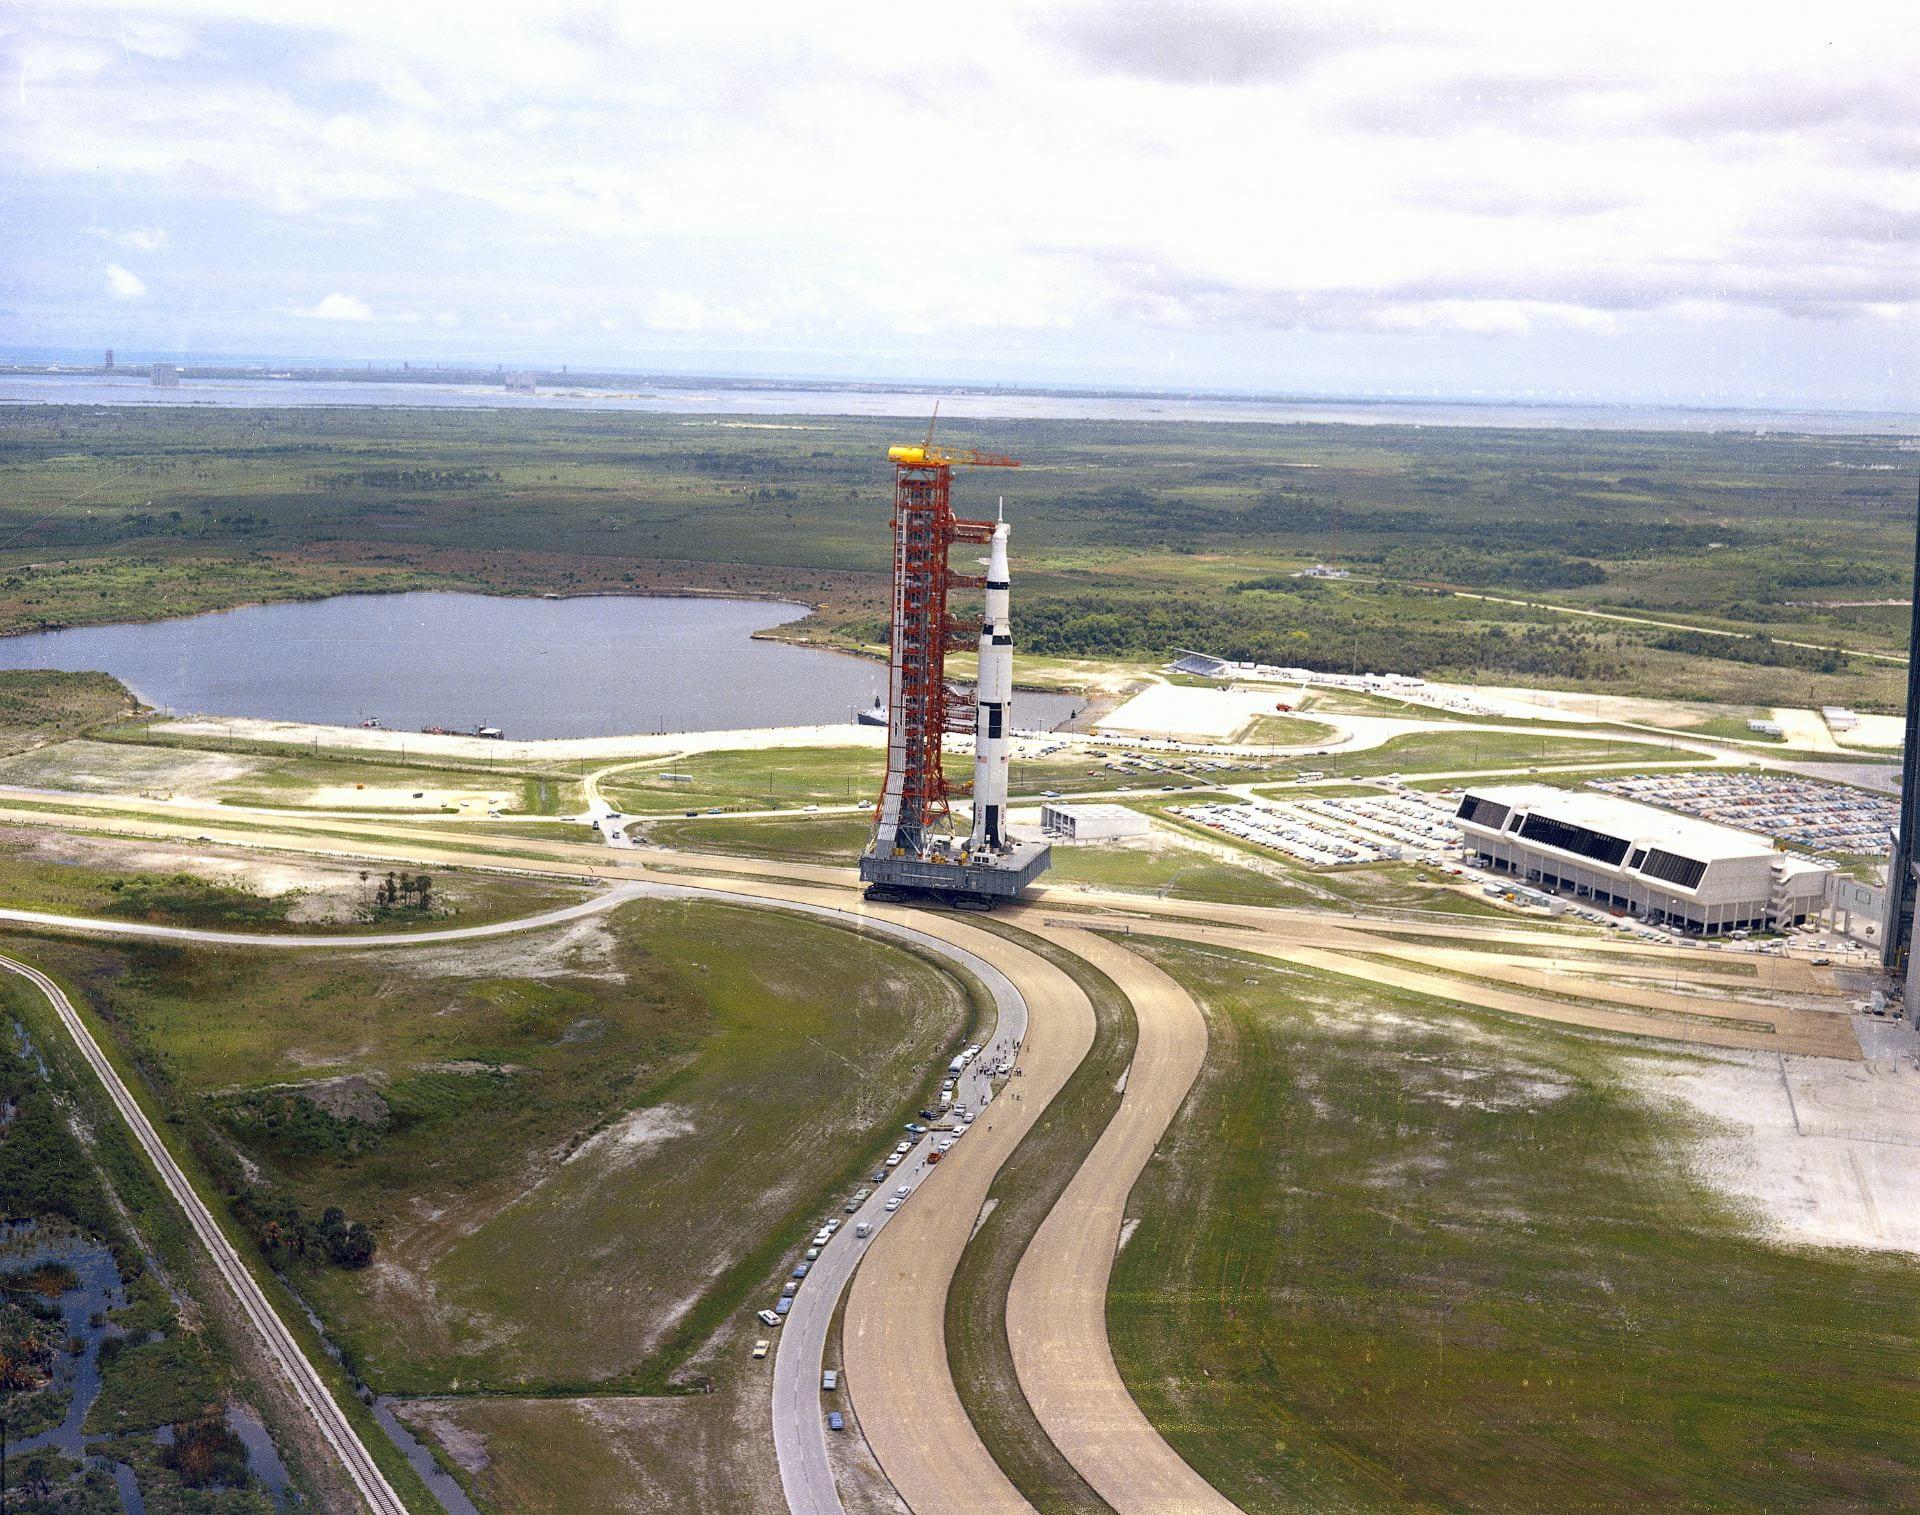 Large rocket on a platform rolling along a road, taking up multiple lanes.